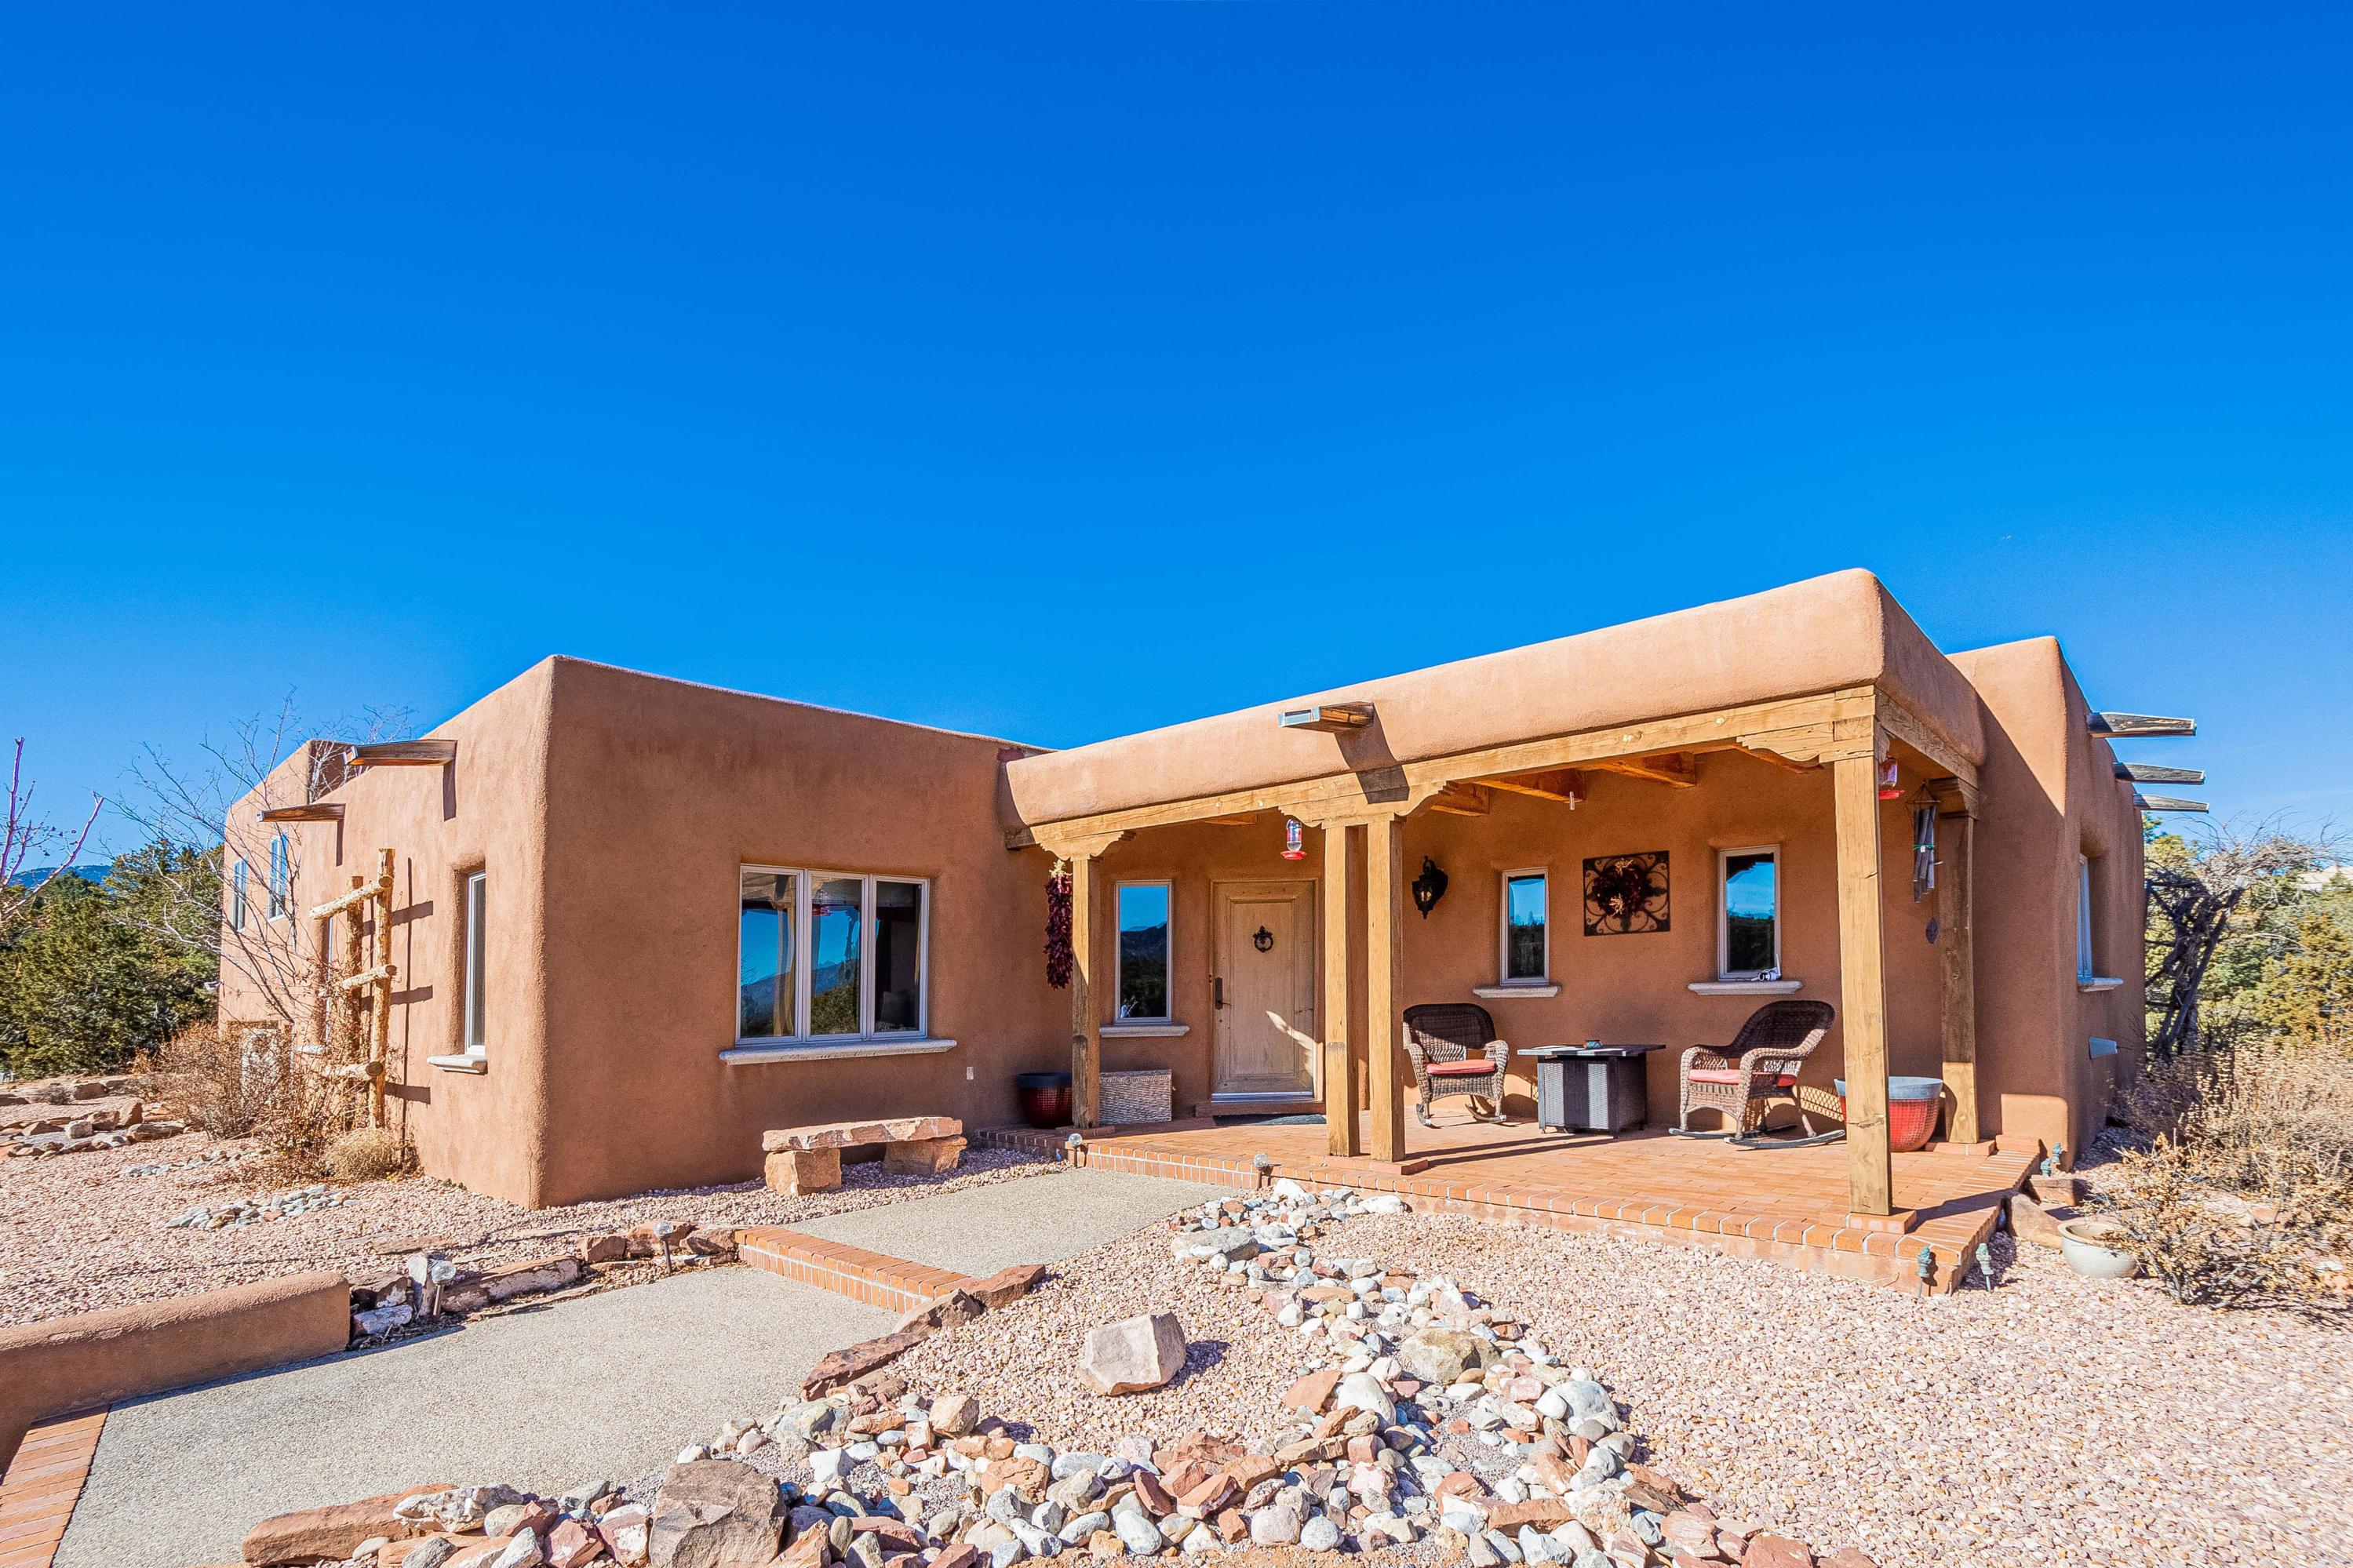 46 KIVA Place Property Photo - Sandia Park, NM real estate listing